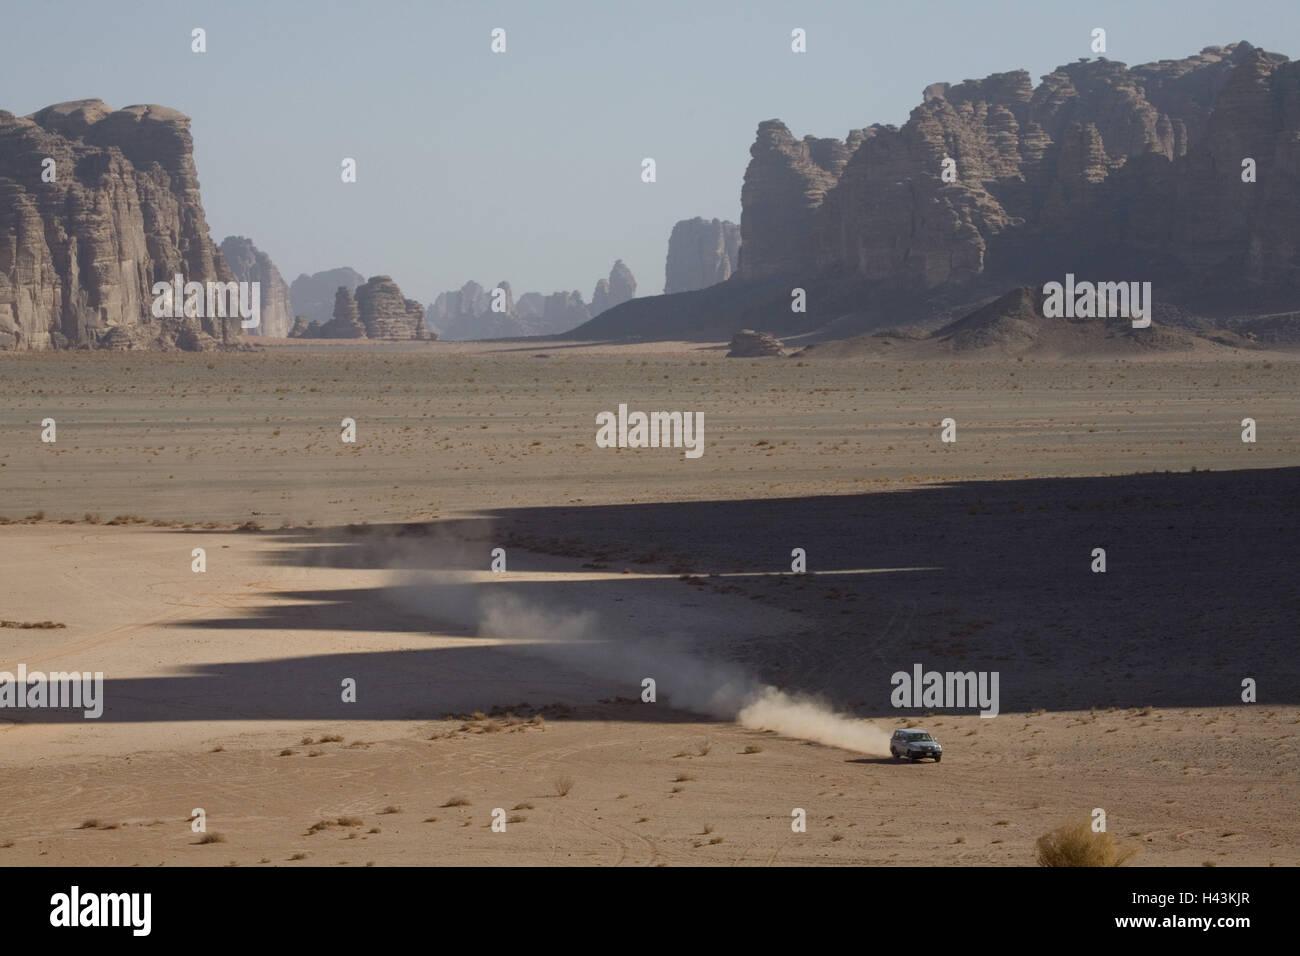 L'Arabie saoudite, province de la Hisma Tabuk, monde des montagnes, désert montagneux, jeep, Photo Stock